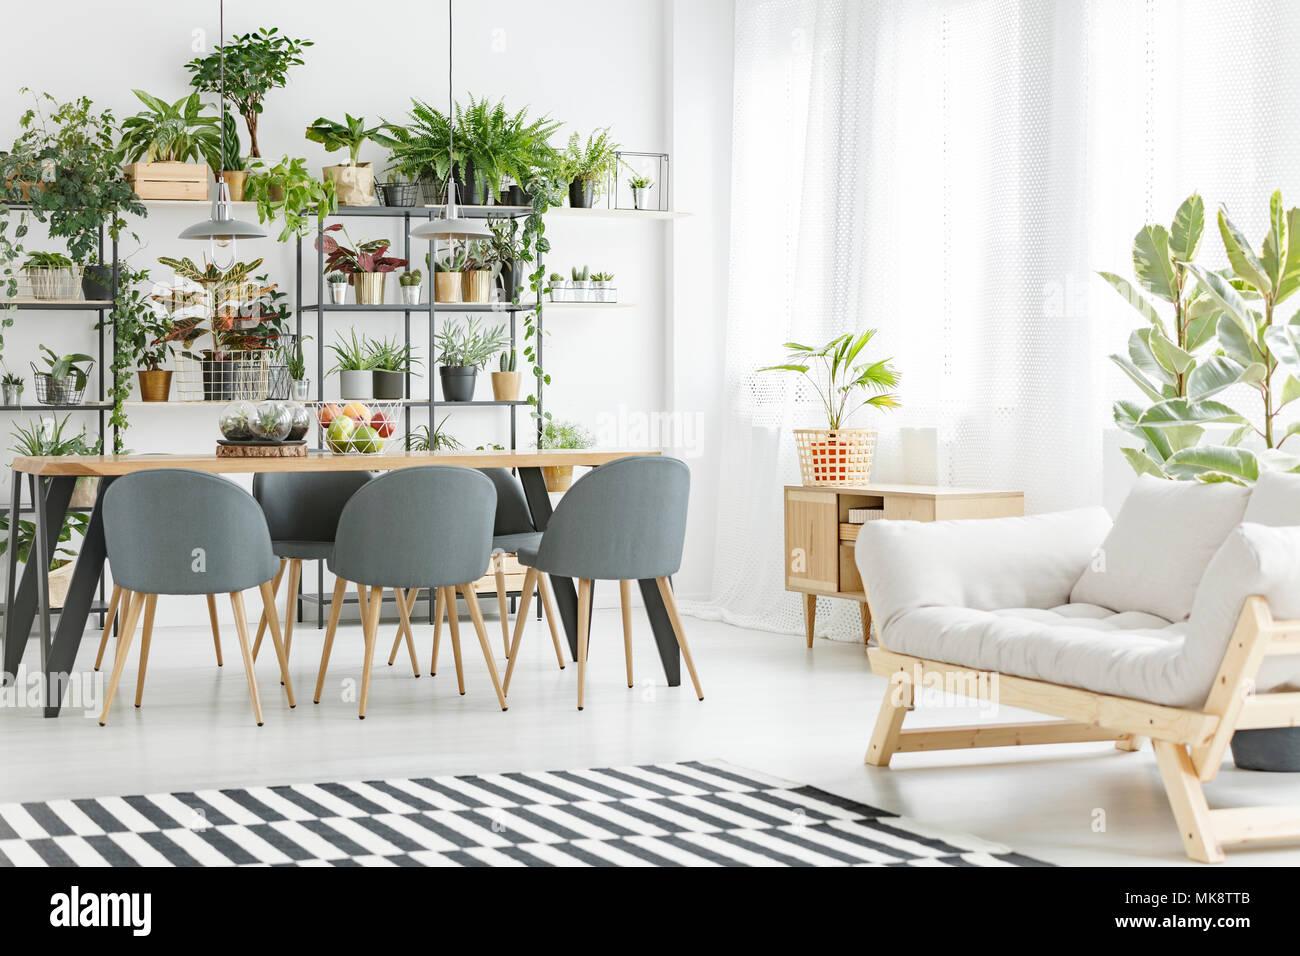 Canapé Beige Gris à Côté De Chaises Table De Salle à Manger En Open Space  Naturel Avec Des Plantes Du0027intérieur